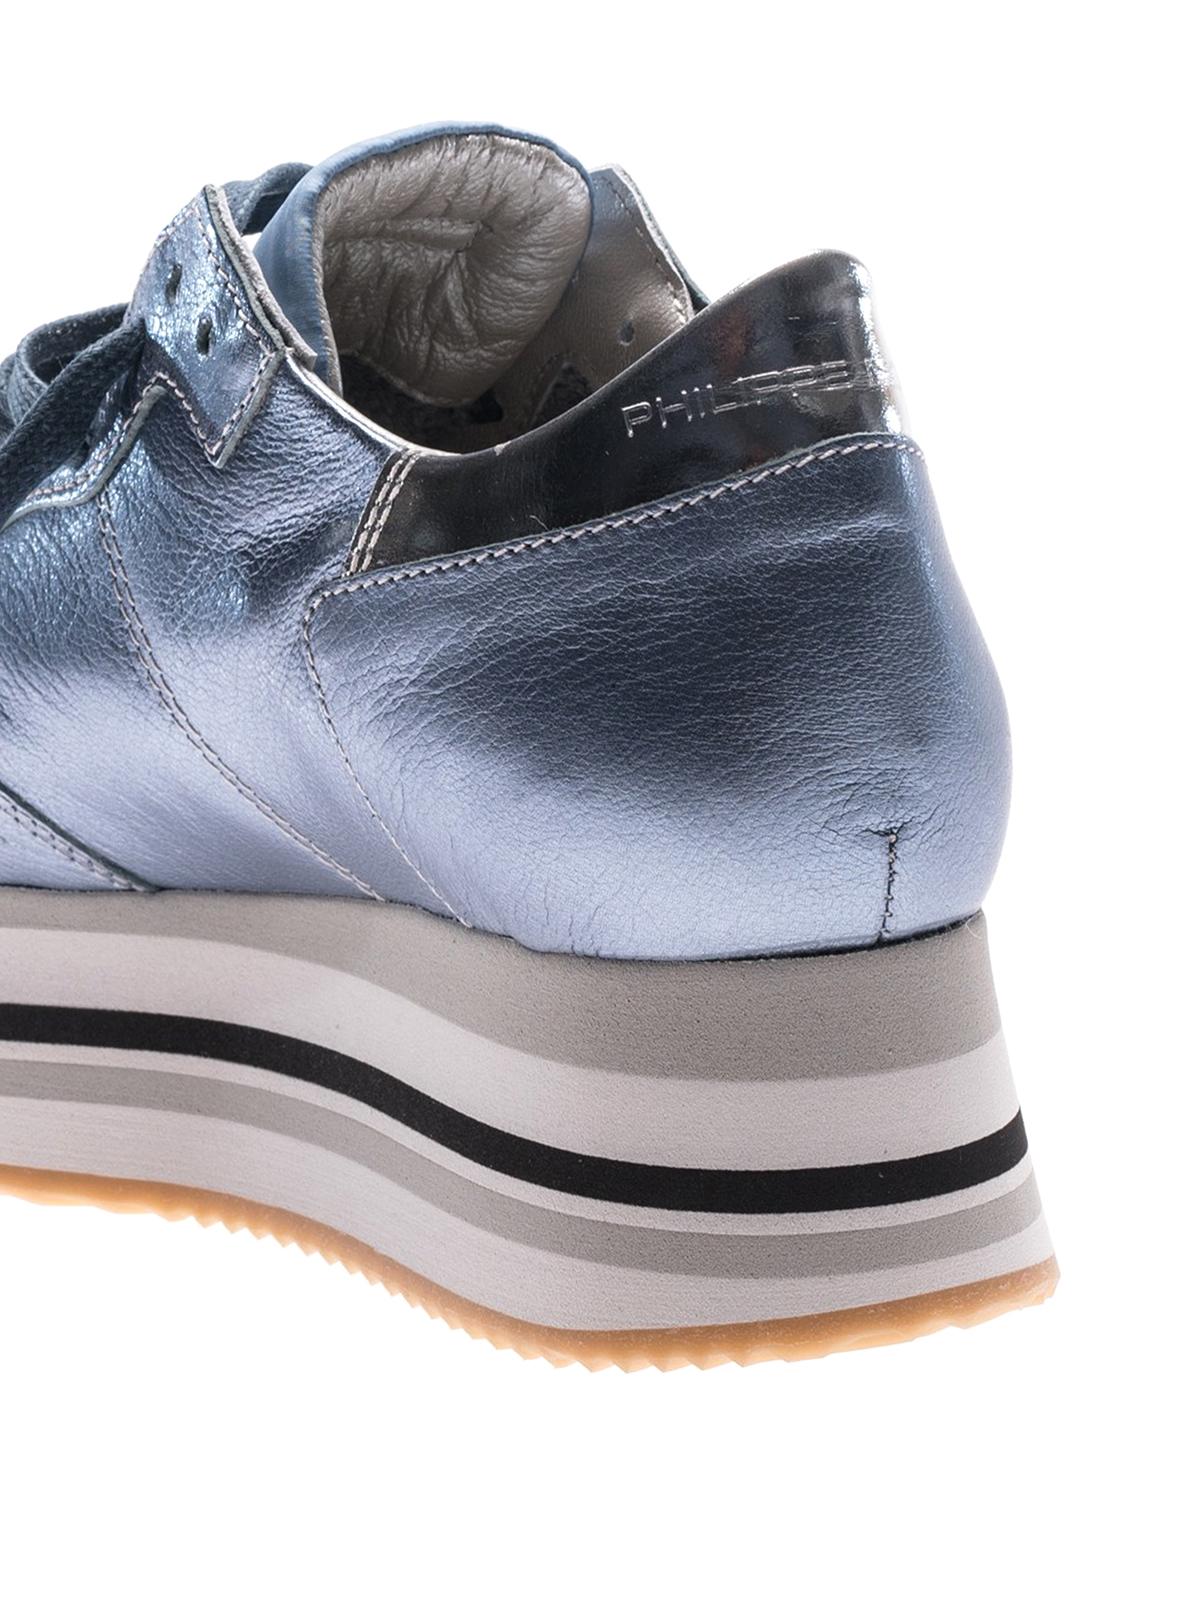 Modèle Philippe Eiffel Chaussures De Sport Bleu Clair msROU